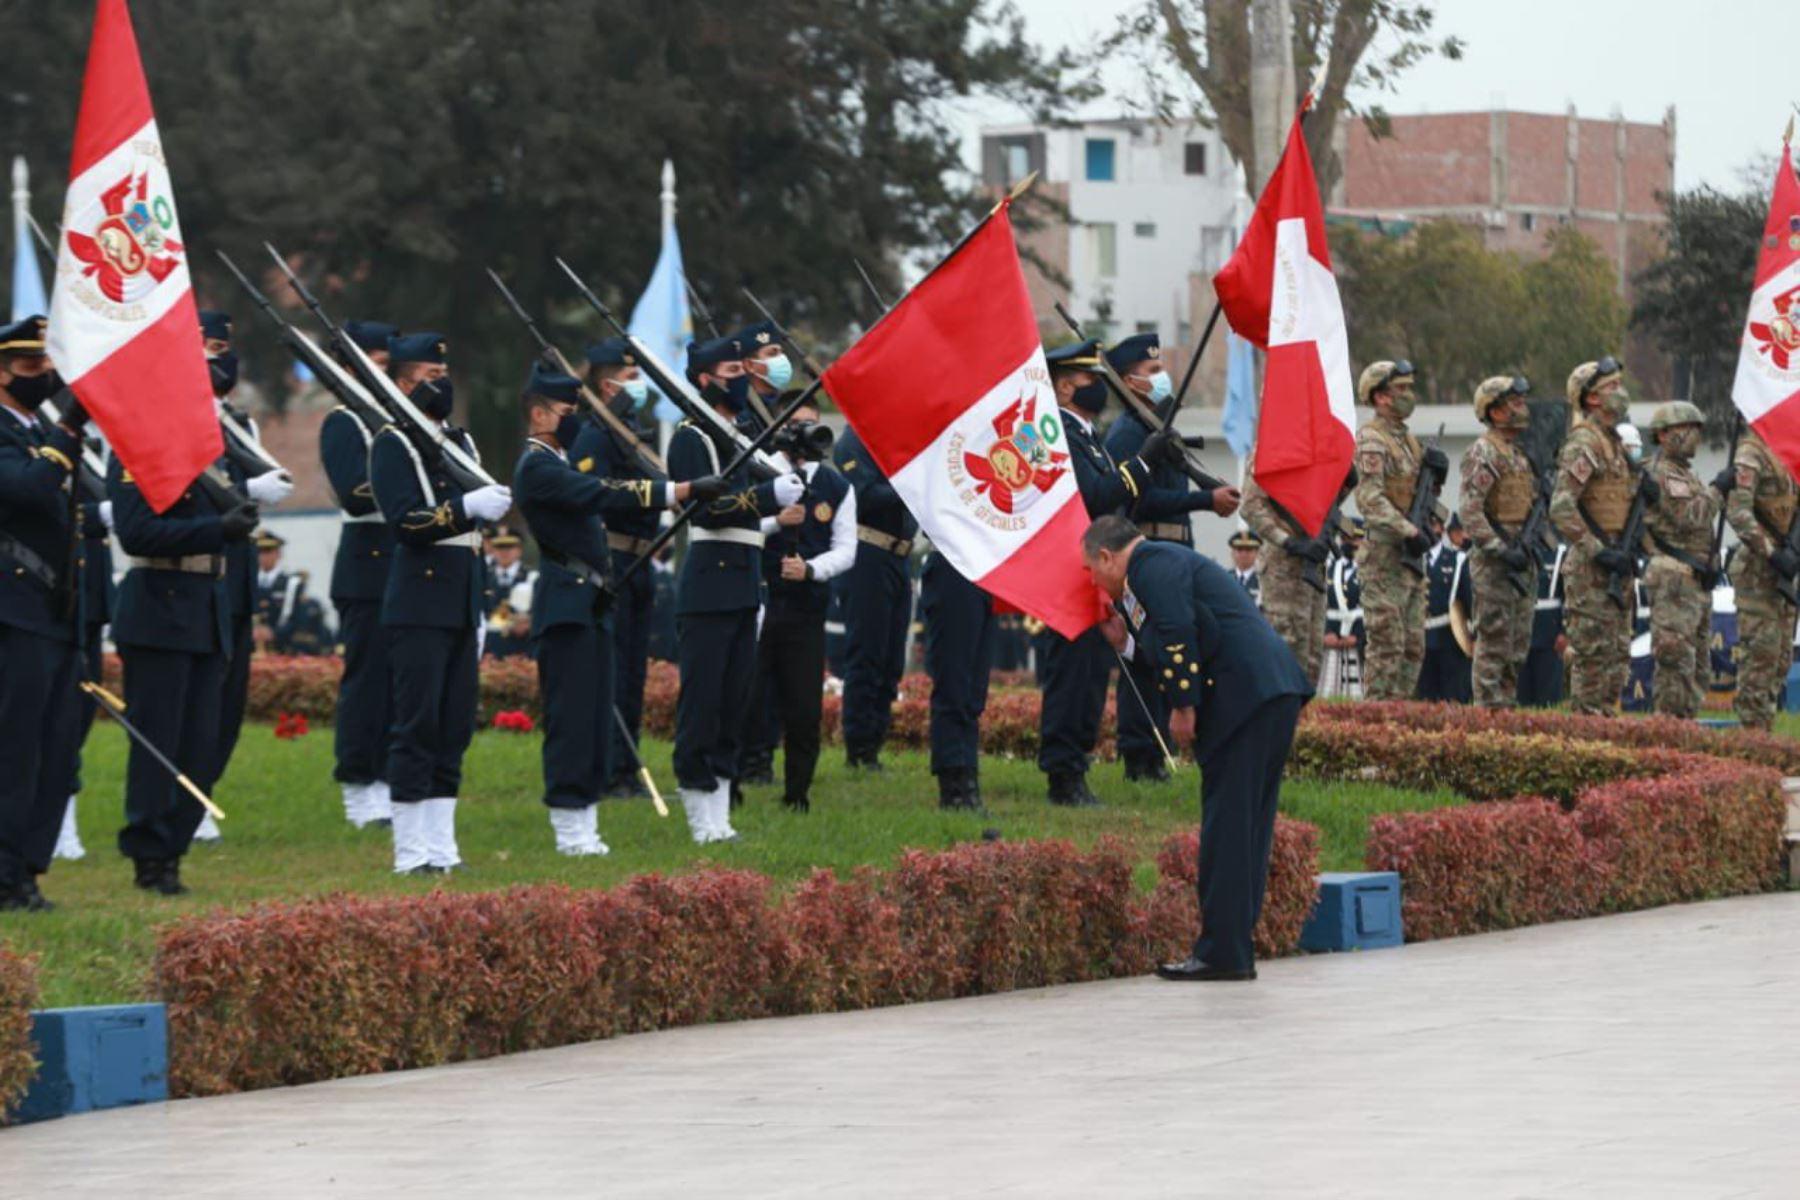 El General del Aire, Jorge Chaparro Pinto fue reconocido como nuevo Comandante General de la FAP Perú . La ceremonia de reconocimiento fue presidida por el ministro de Defensa, Walter Ayala, desde la Base Área Las Palmas. Foto: Mindef